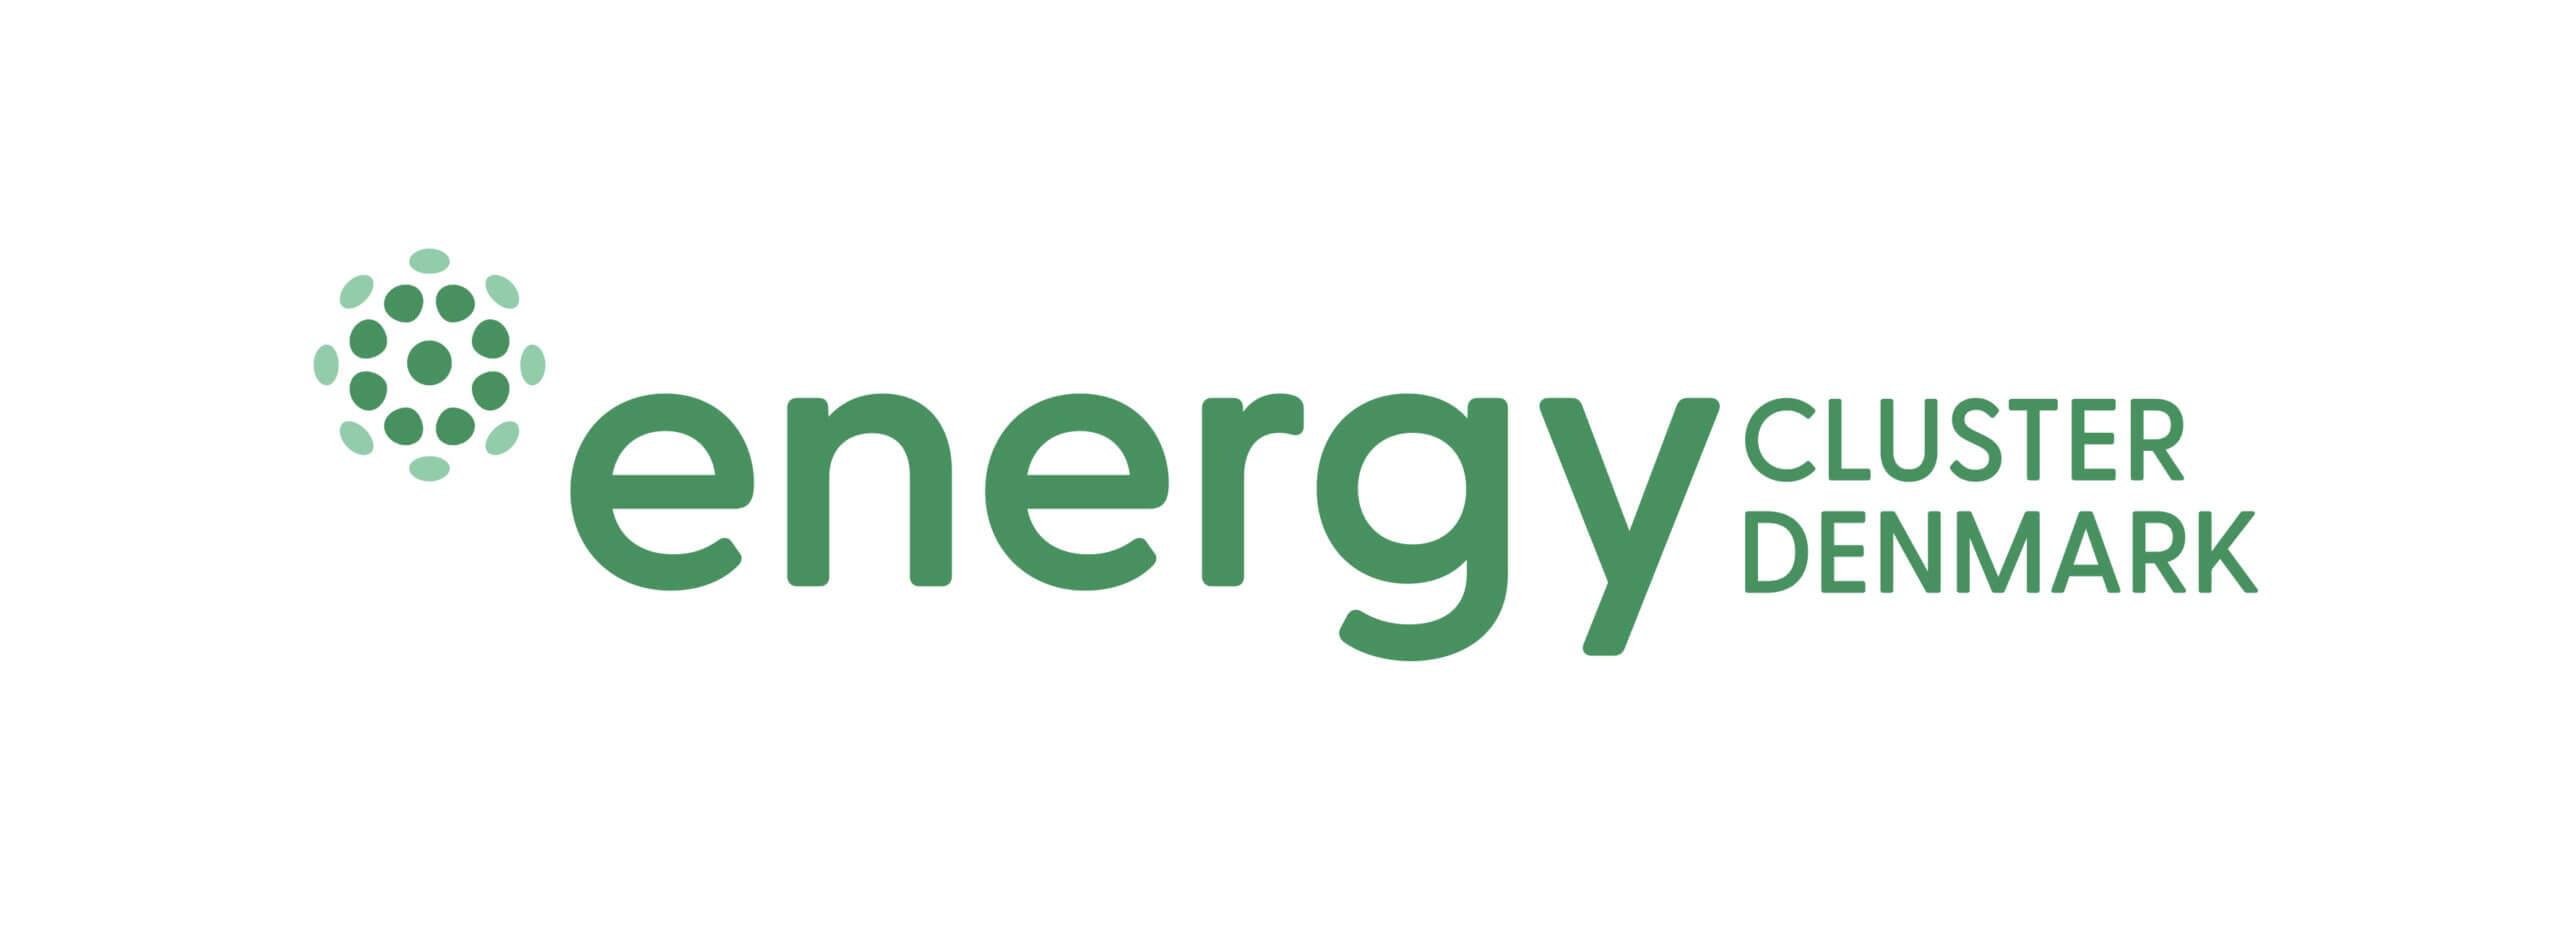 Energy Cluster Denmark